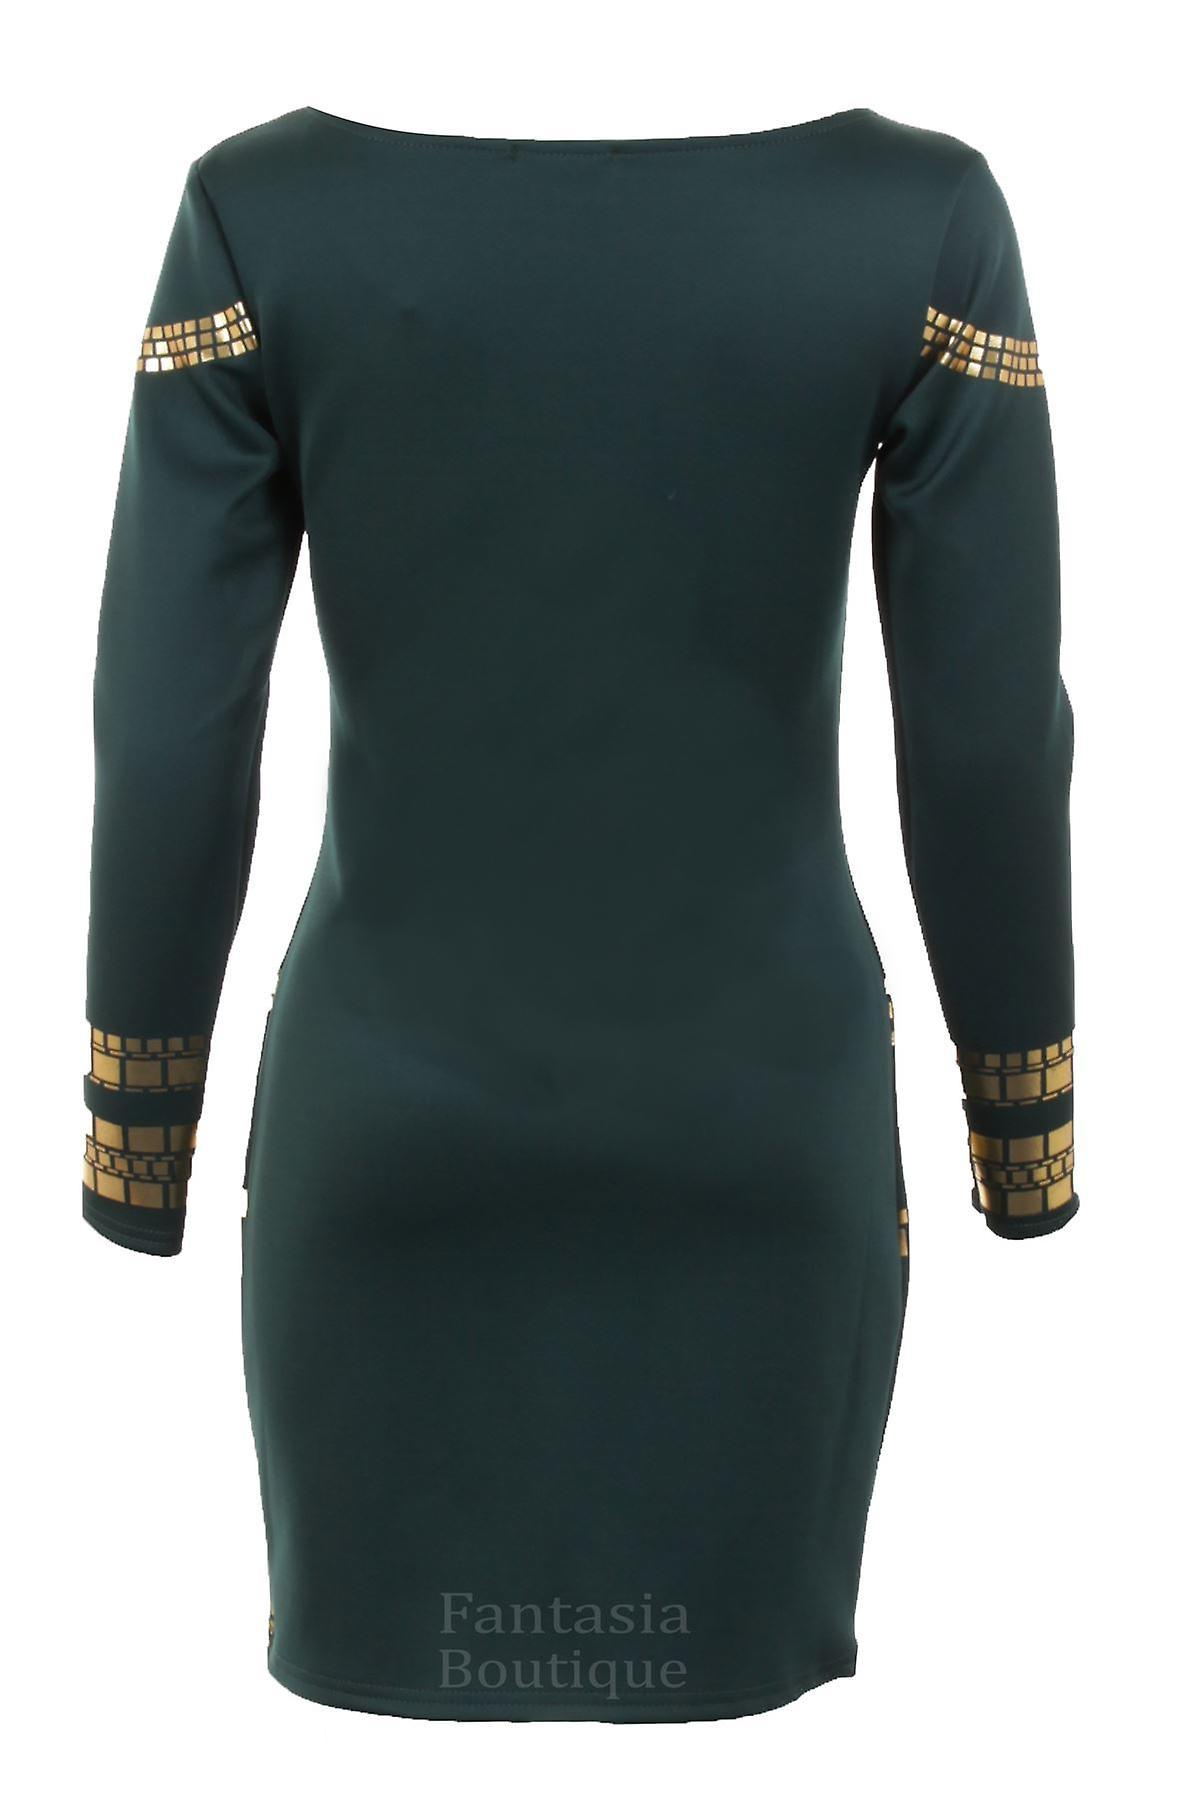 Ladies Gold Foil Tunic Celebrity Kim Bodycon Slim Fit Short Women's Party Dress